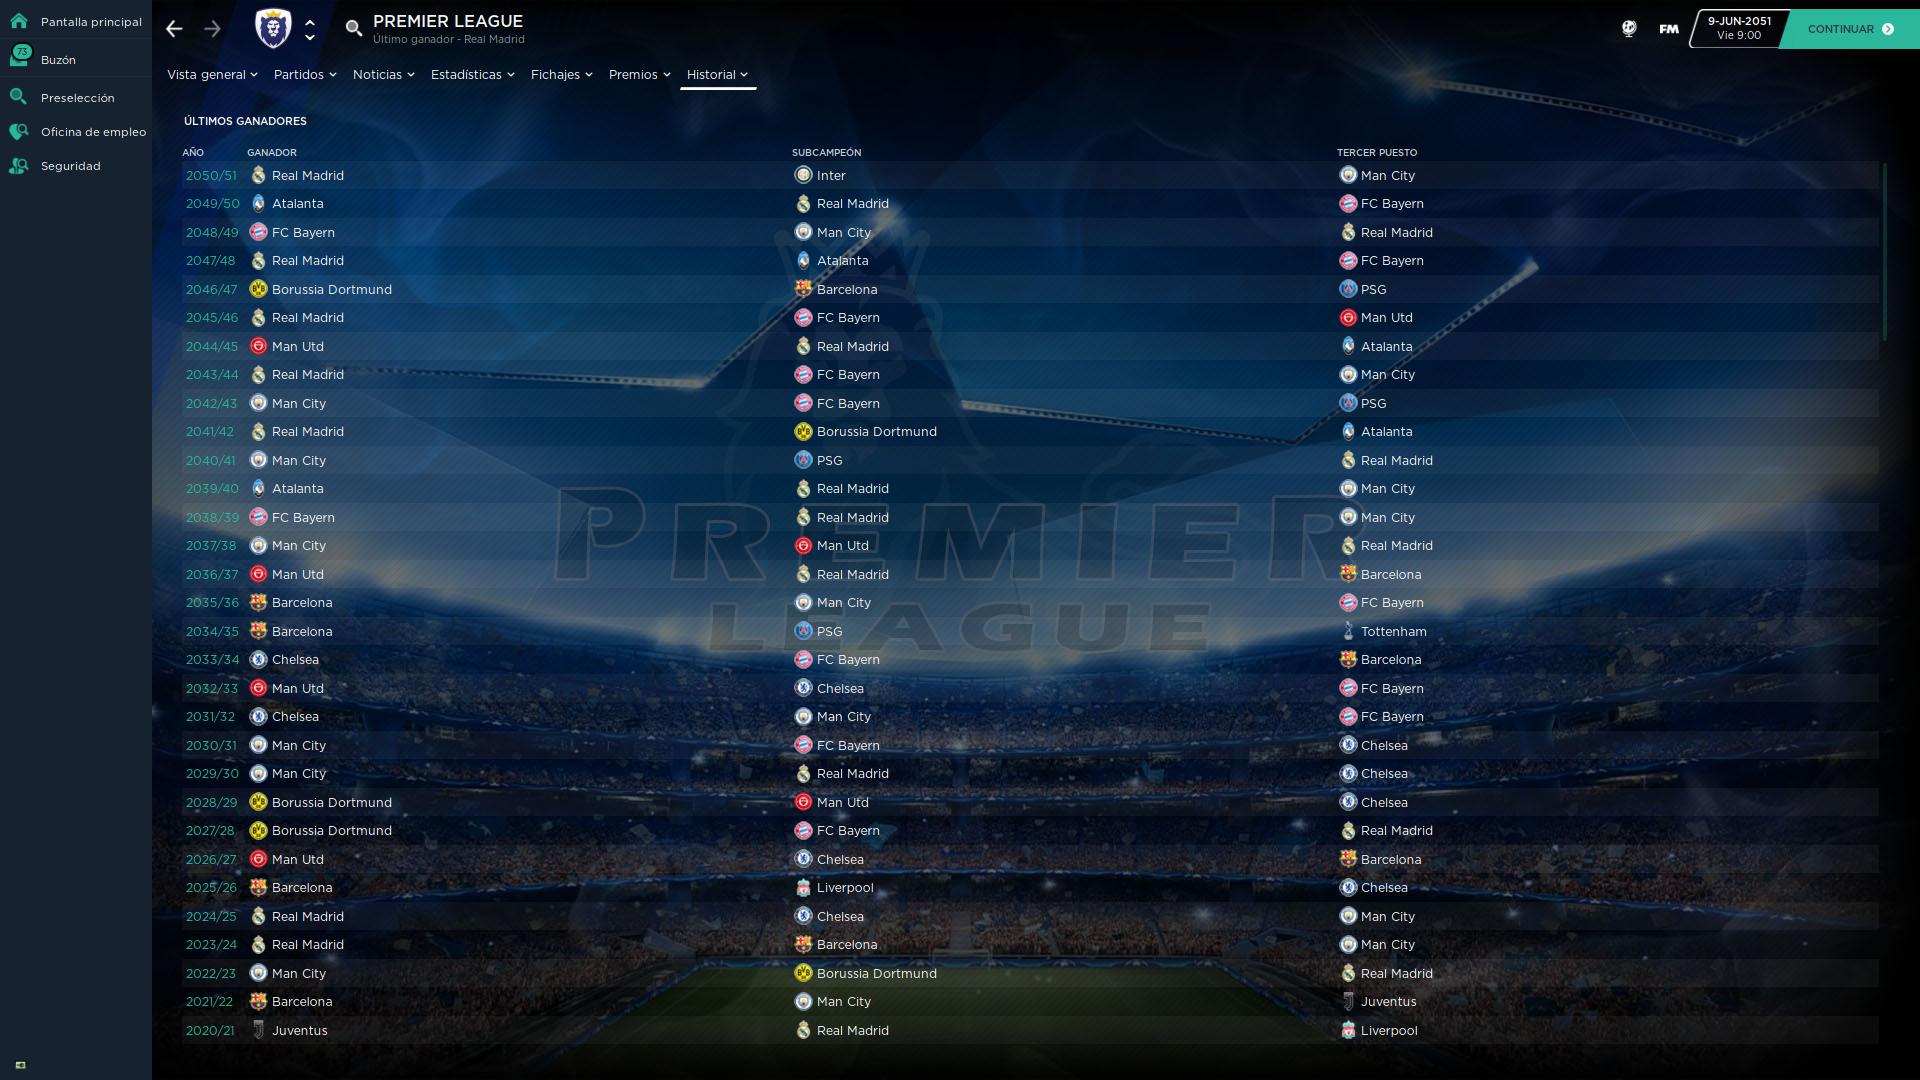 El palmarés de la Superliga